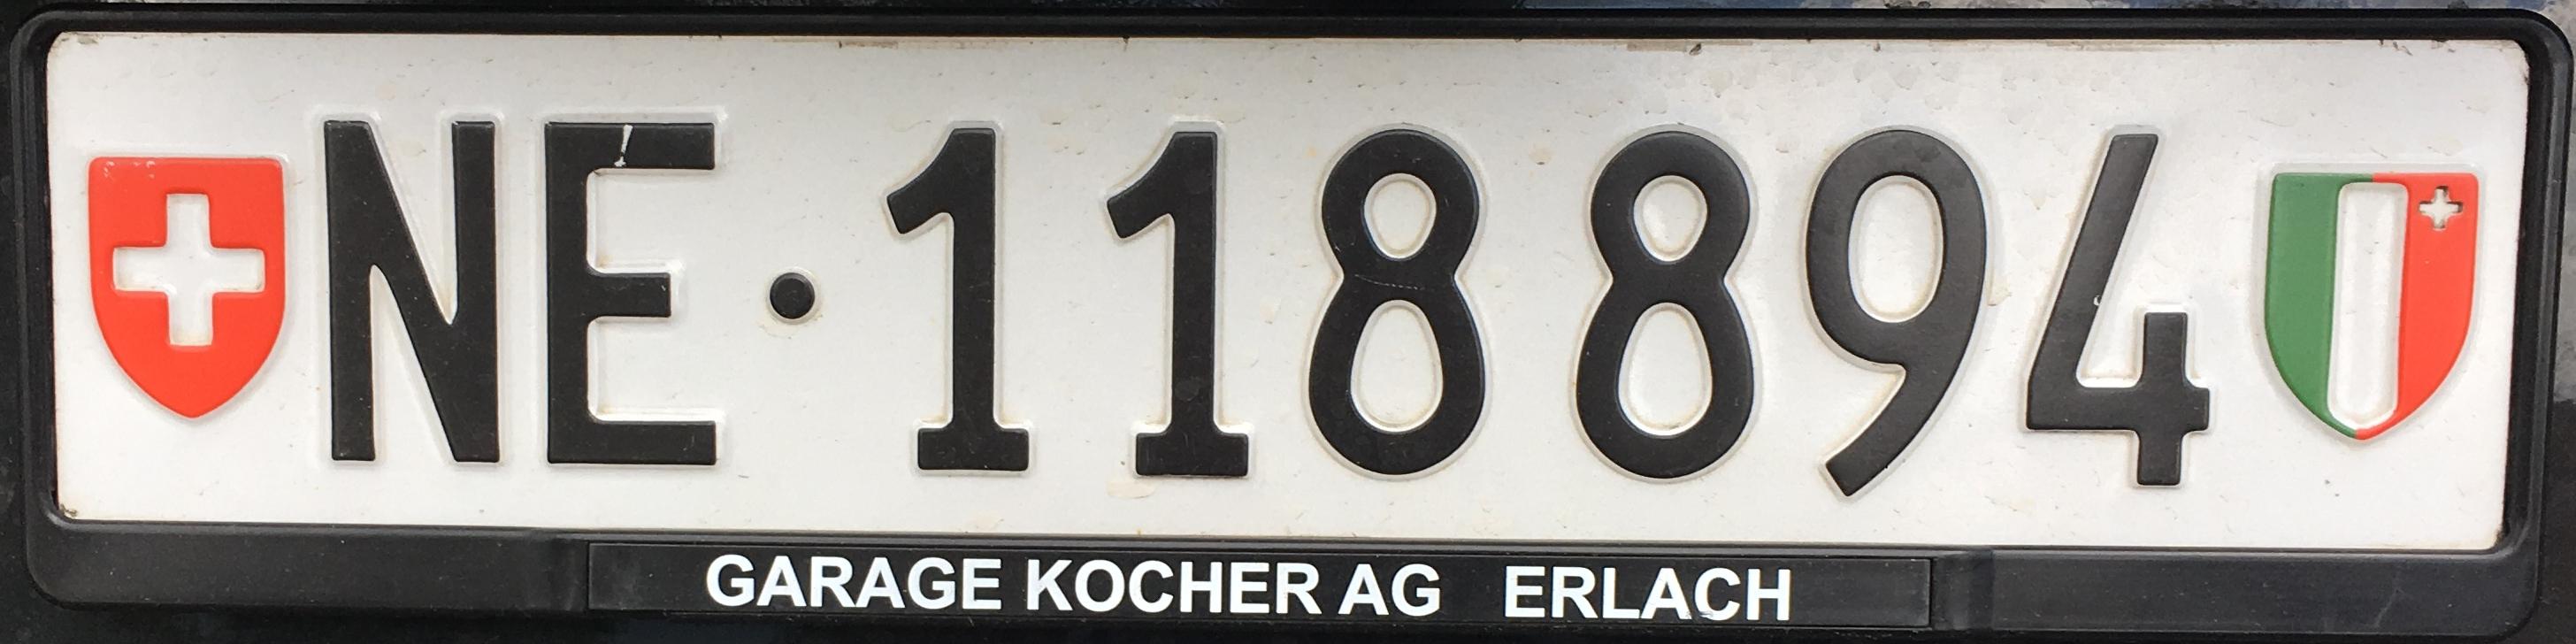 Registrační značky Švýcarsko - NE - Neuchâtel, foto: www.podalnici.cz